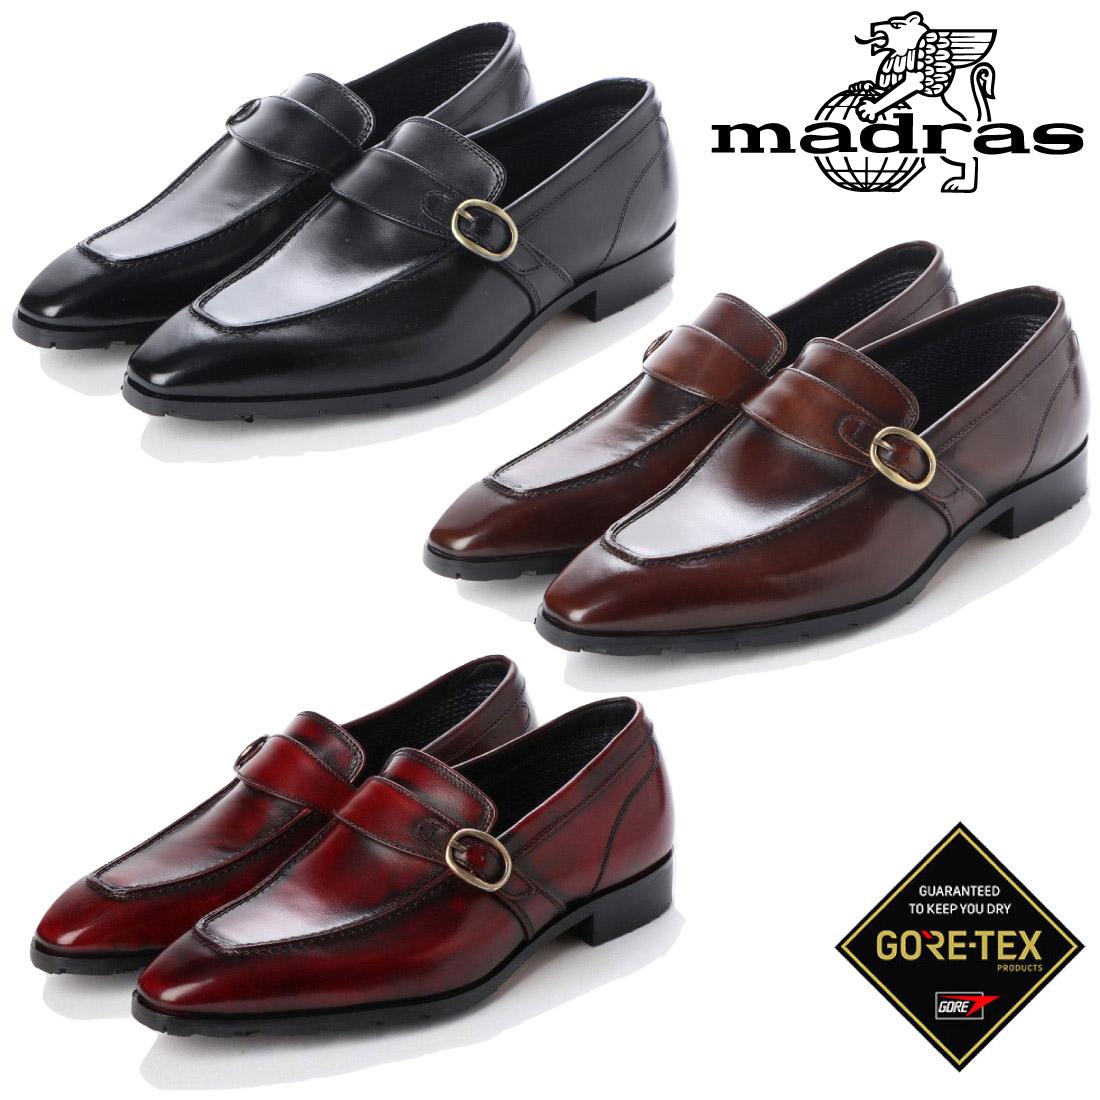 Madras マドラス M5004G メンズ スリッポン ビジネス シューズ 本革 ゴアテックス 【nesh】 【新品】